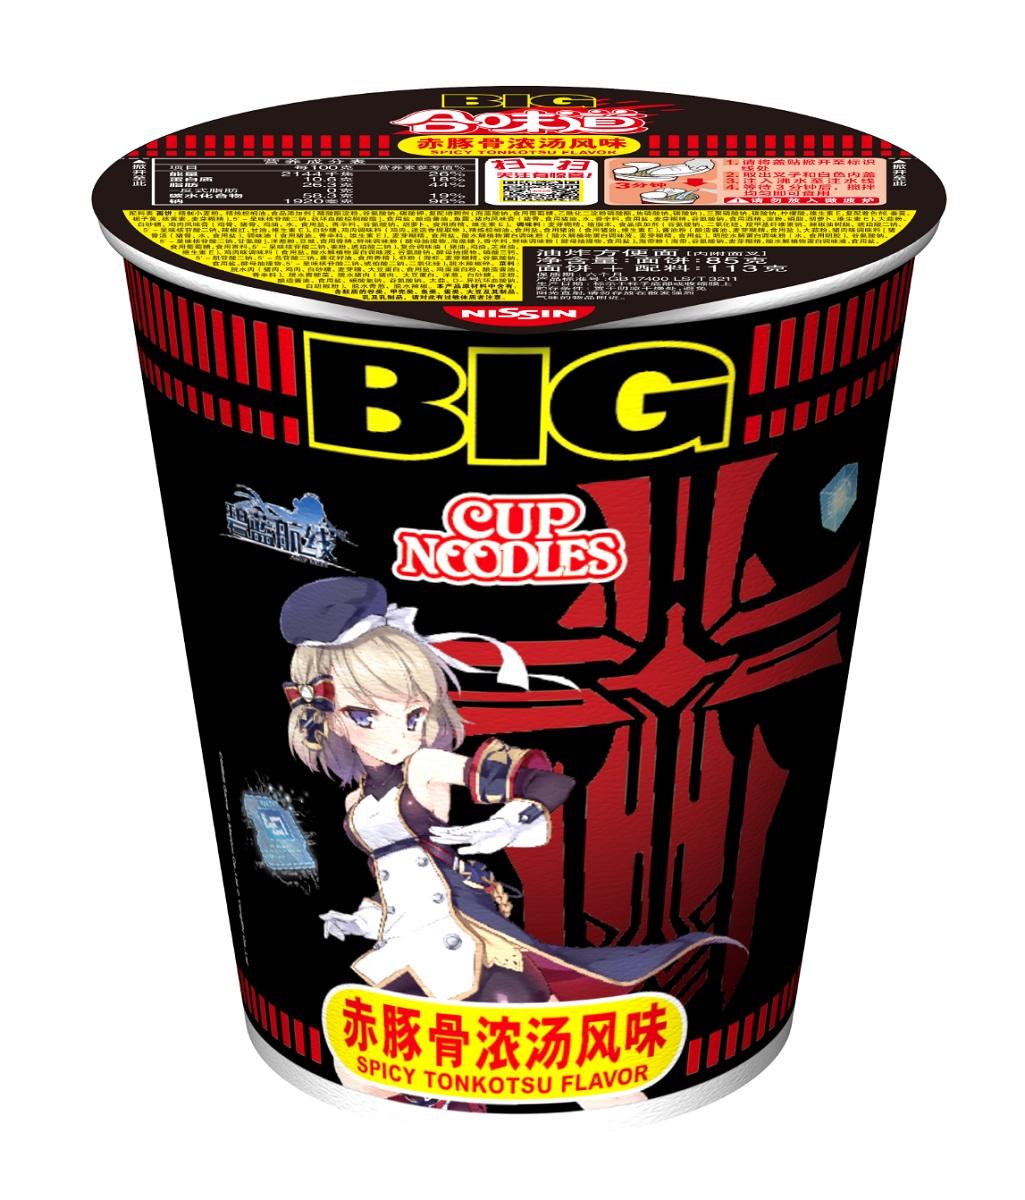 合味道碧蓝航线联动款泡面开卖,不仅有特别包装,还更大了!